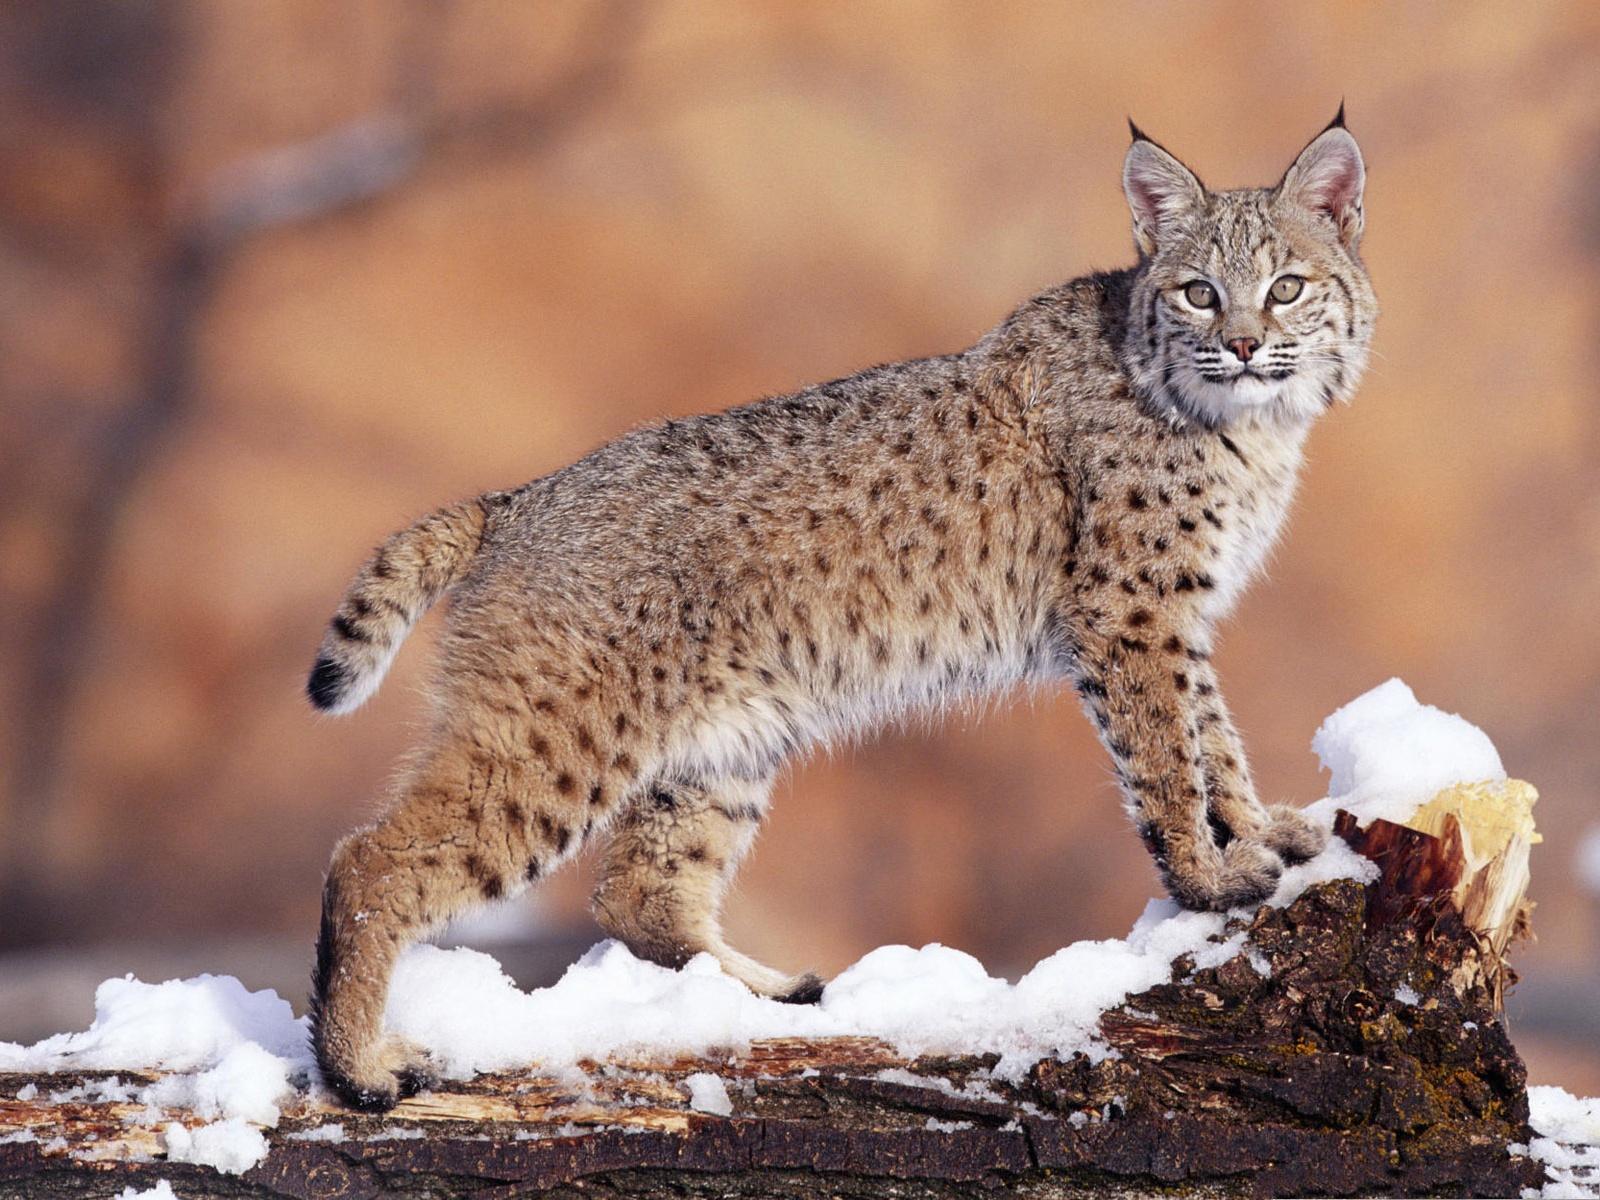 Cute Bobcat Cute cat pic, large bobcat